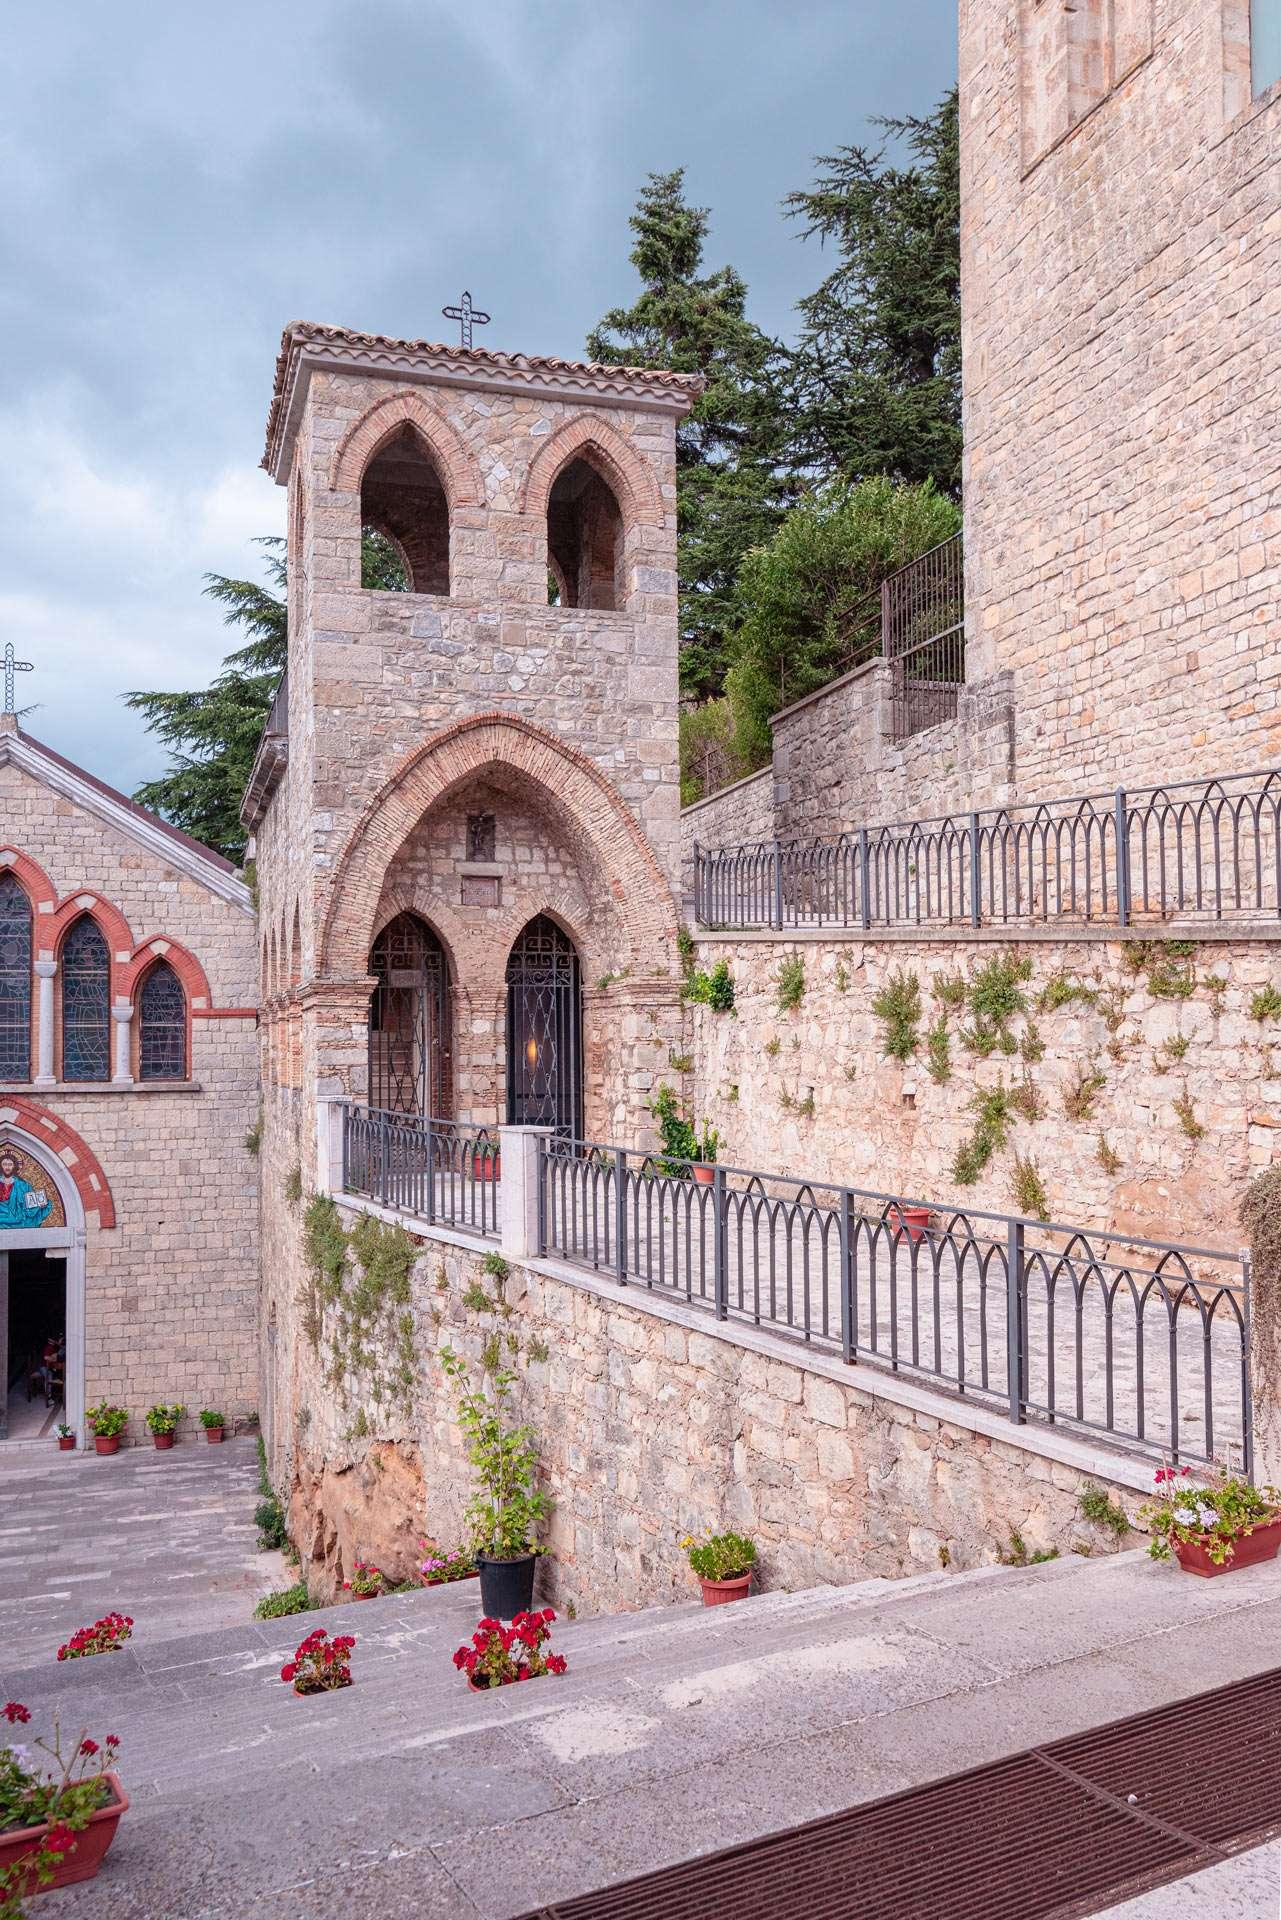 San Michele curch in Orsara di Puglia